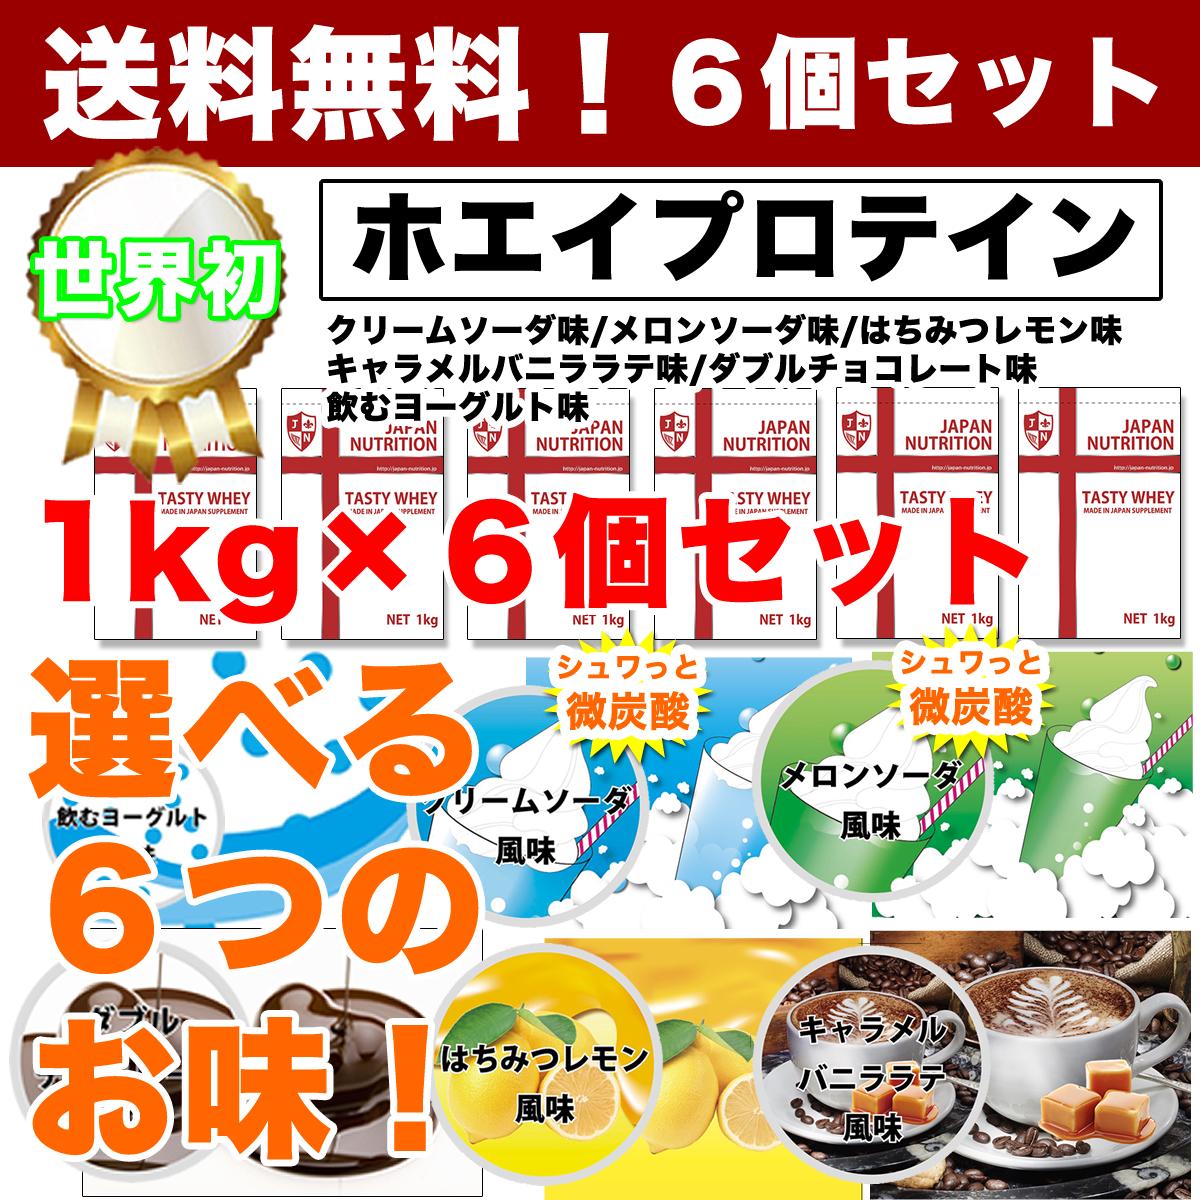 【送料無料!】【テイスティホエイ】【ホエイプロテイン】1kg×6個セット